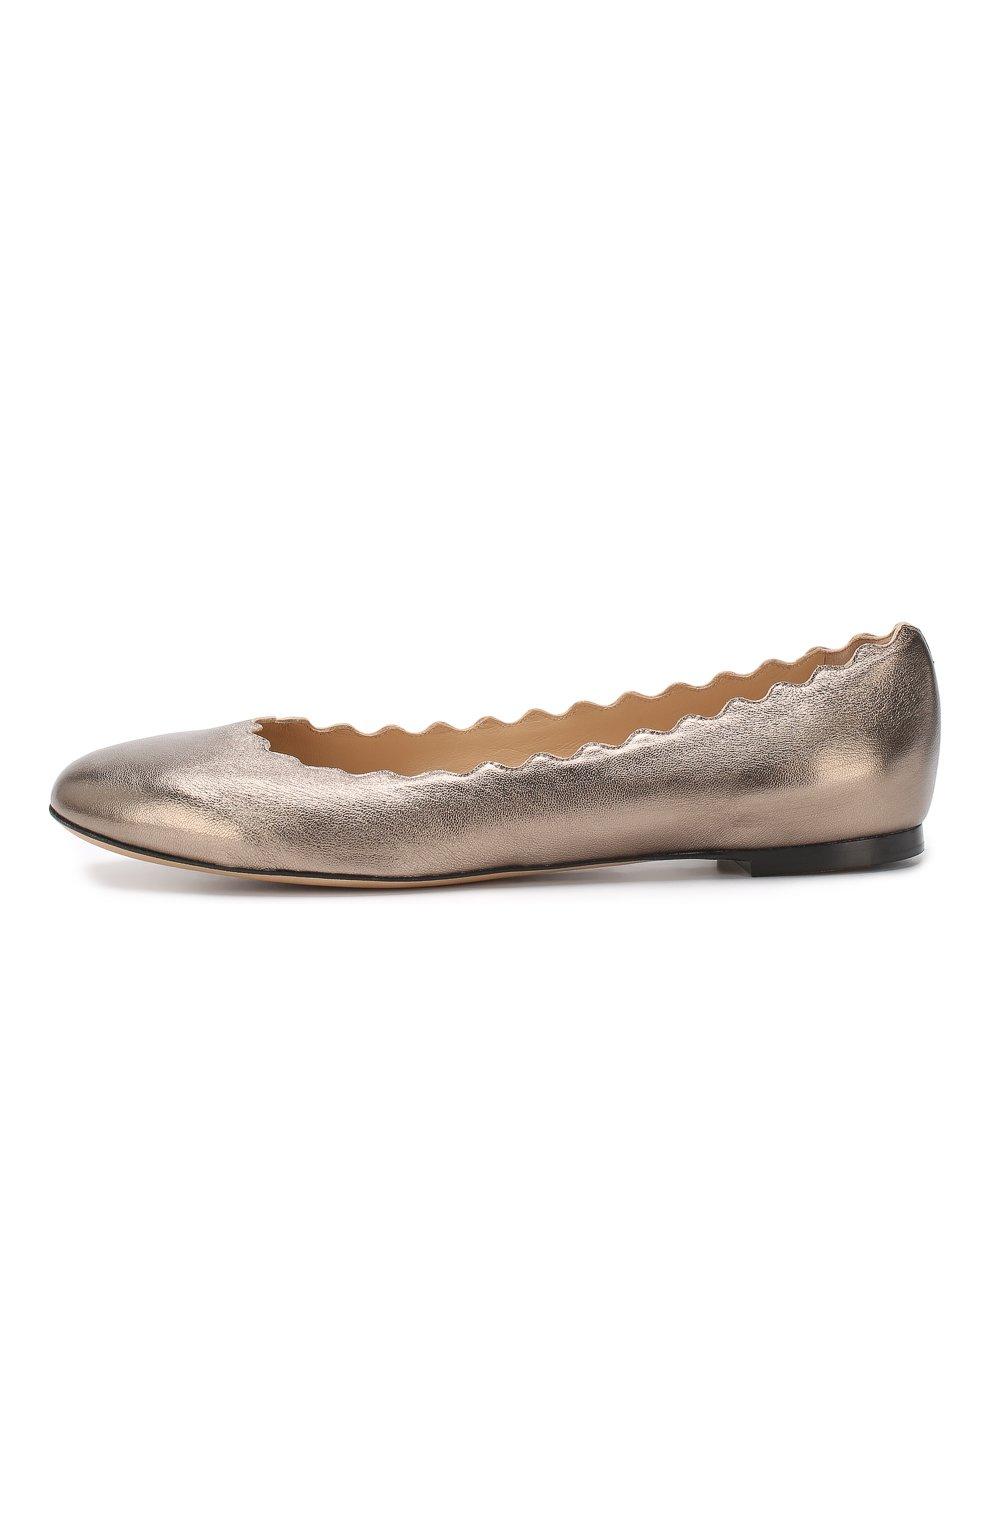 Балетки Lauren из металлизированной кожи  Chloé бронзовые | Фото №3